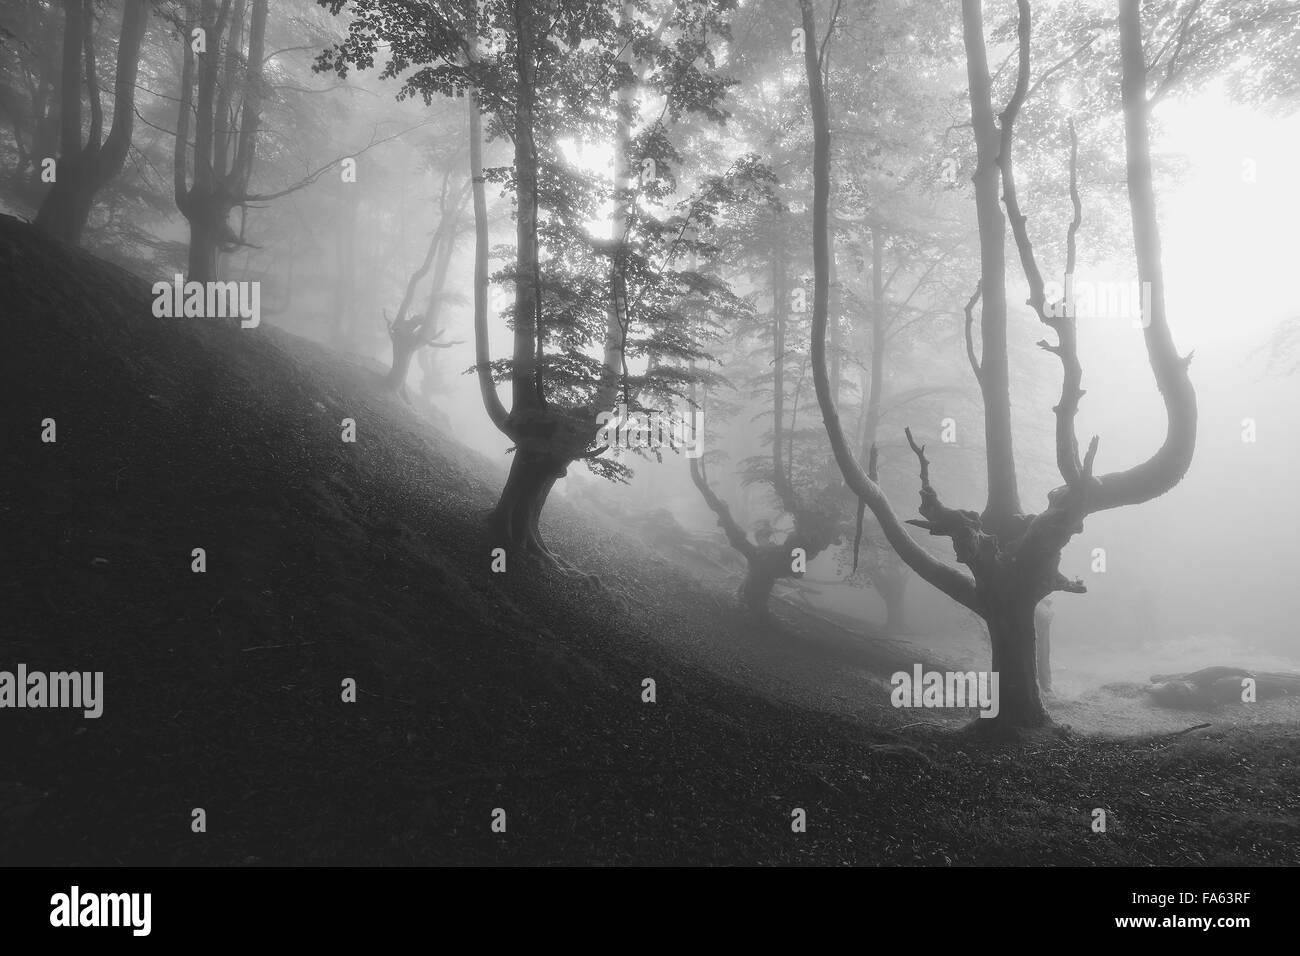 geheimnisvollen gruseligen Wald in schwarz / weiß Stockbild